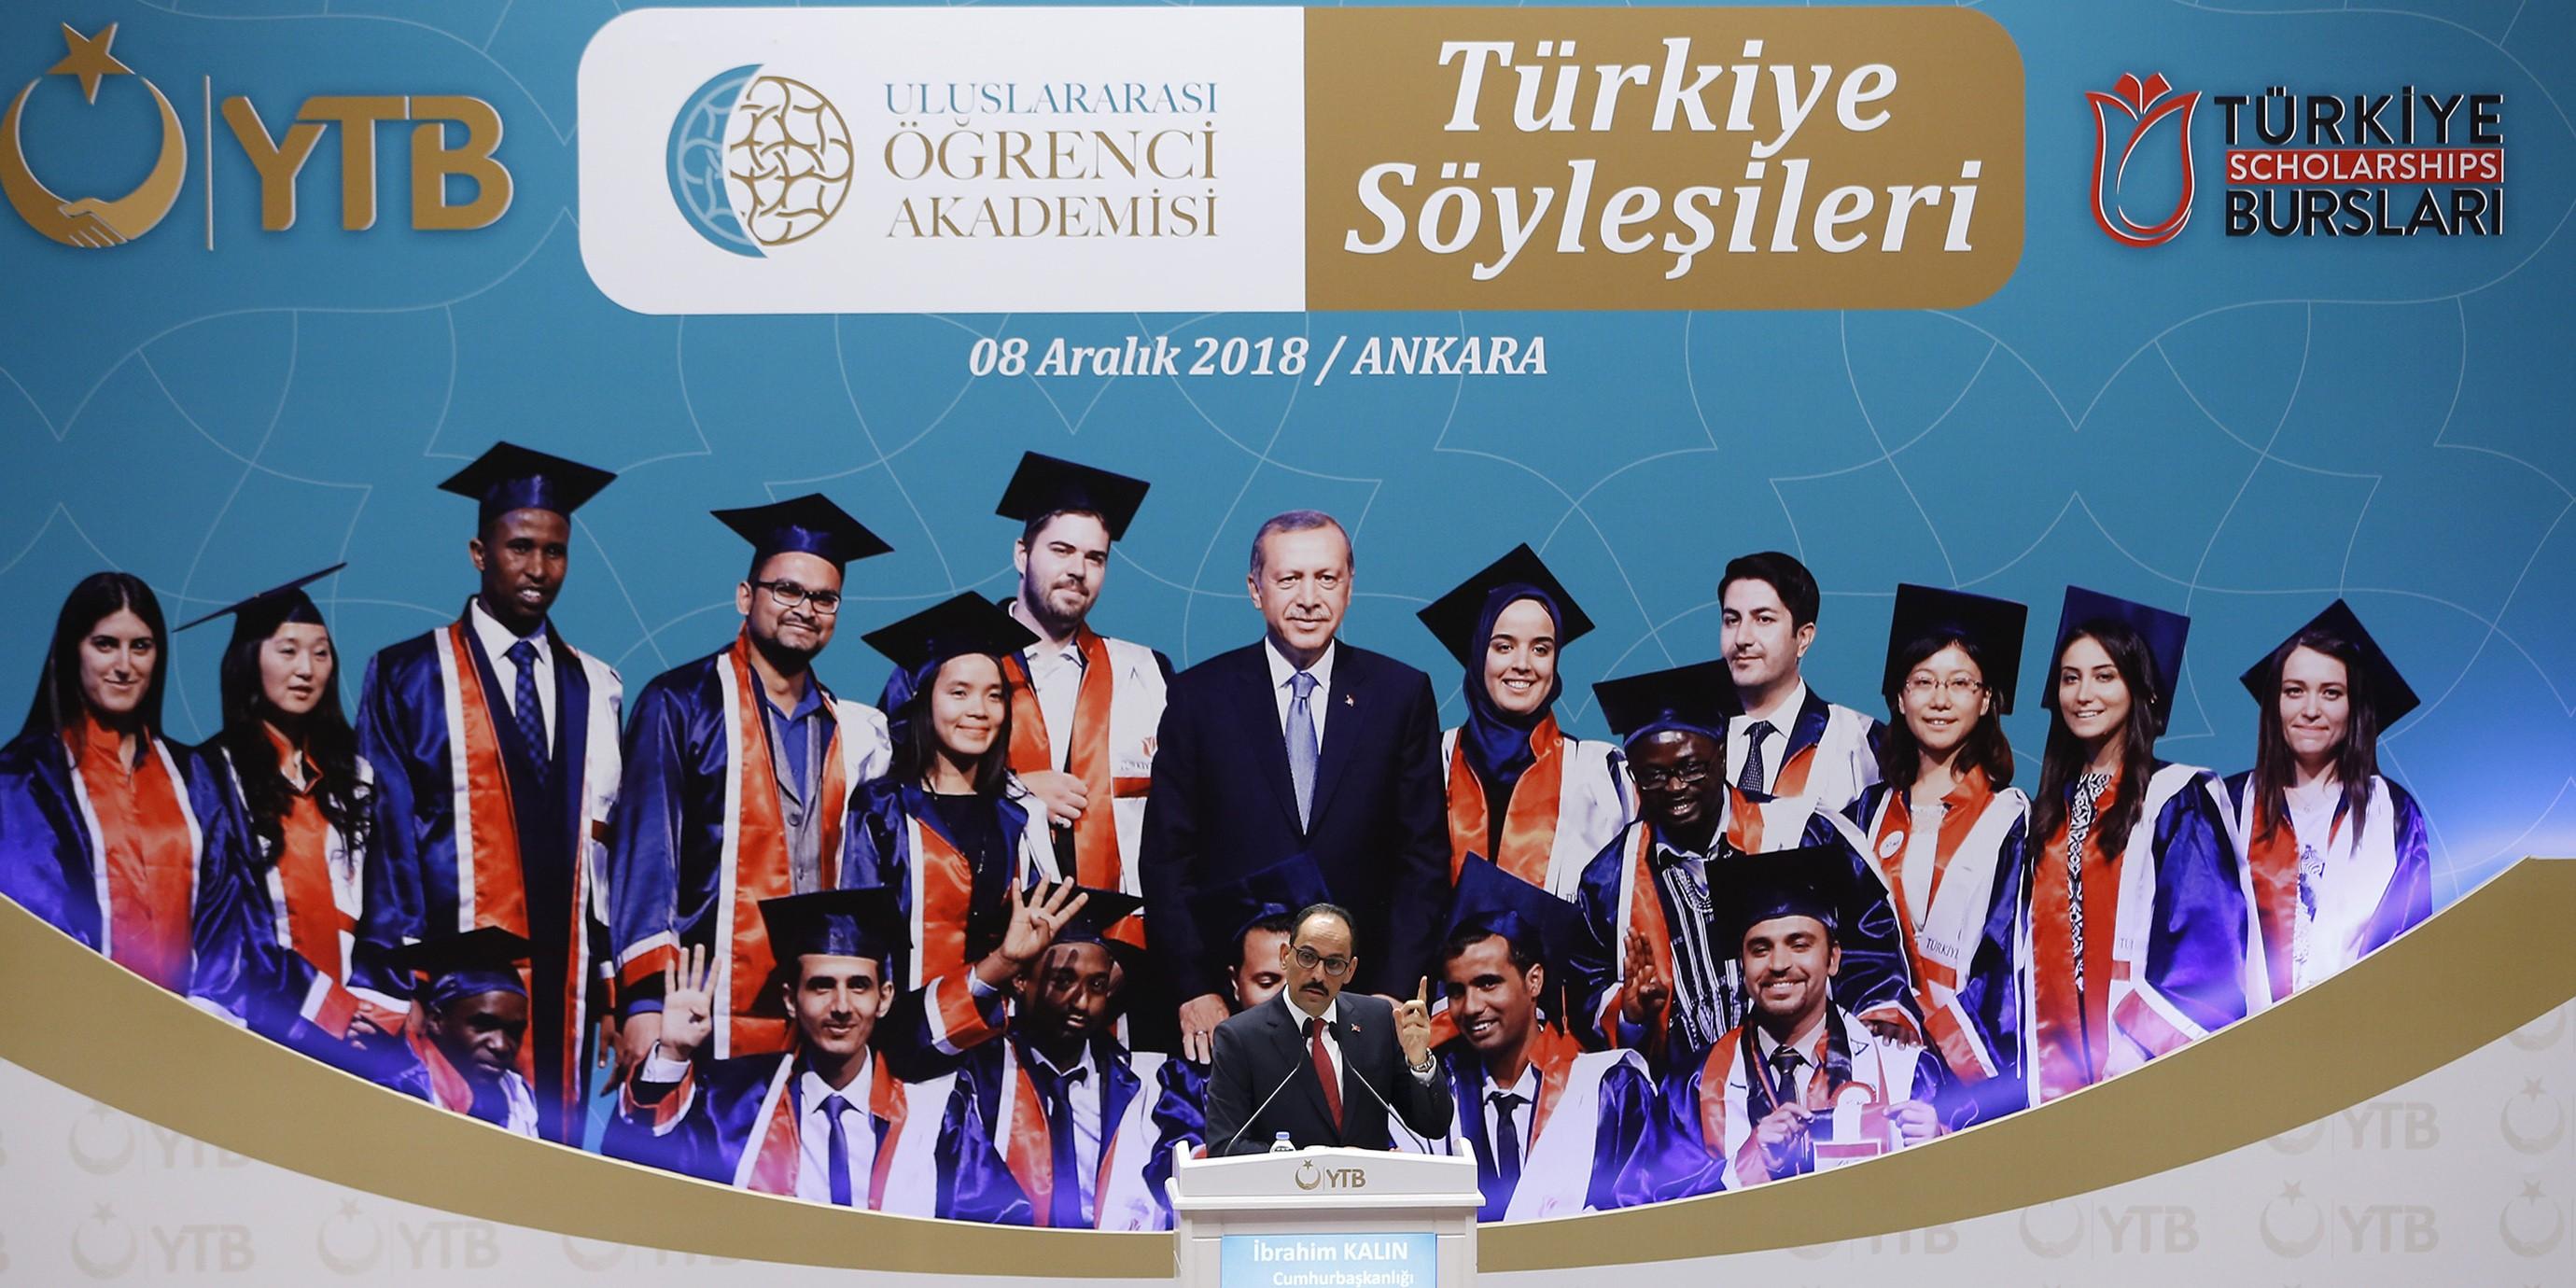 Uluslararası Öğrenci Akademisi'nin İlk Dersini Cumhurbaşkanlığı Sözcüsü İbrahim Kalın Verdi